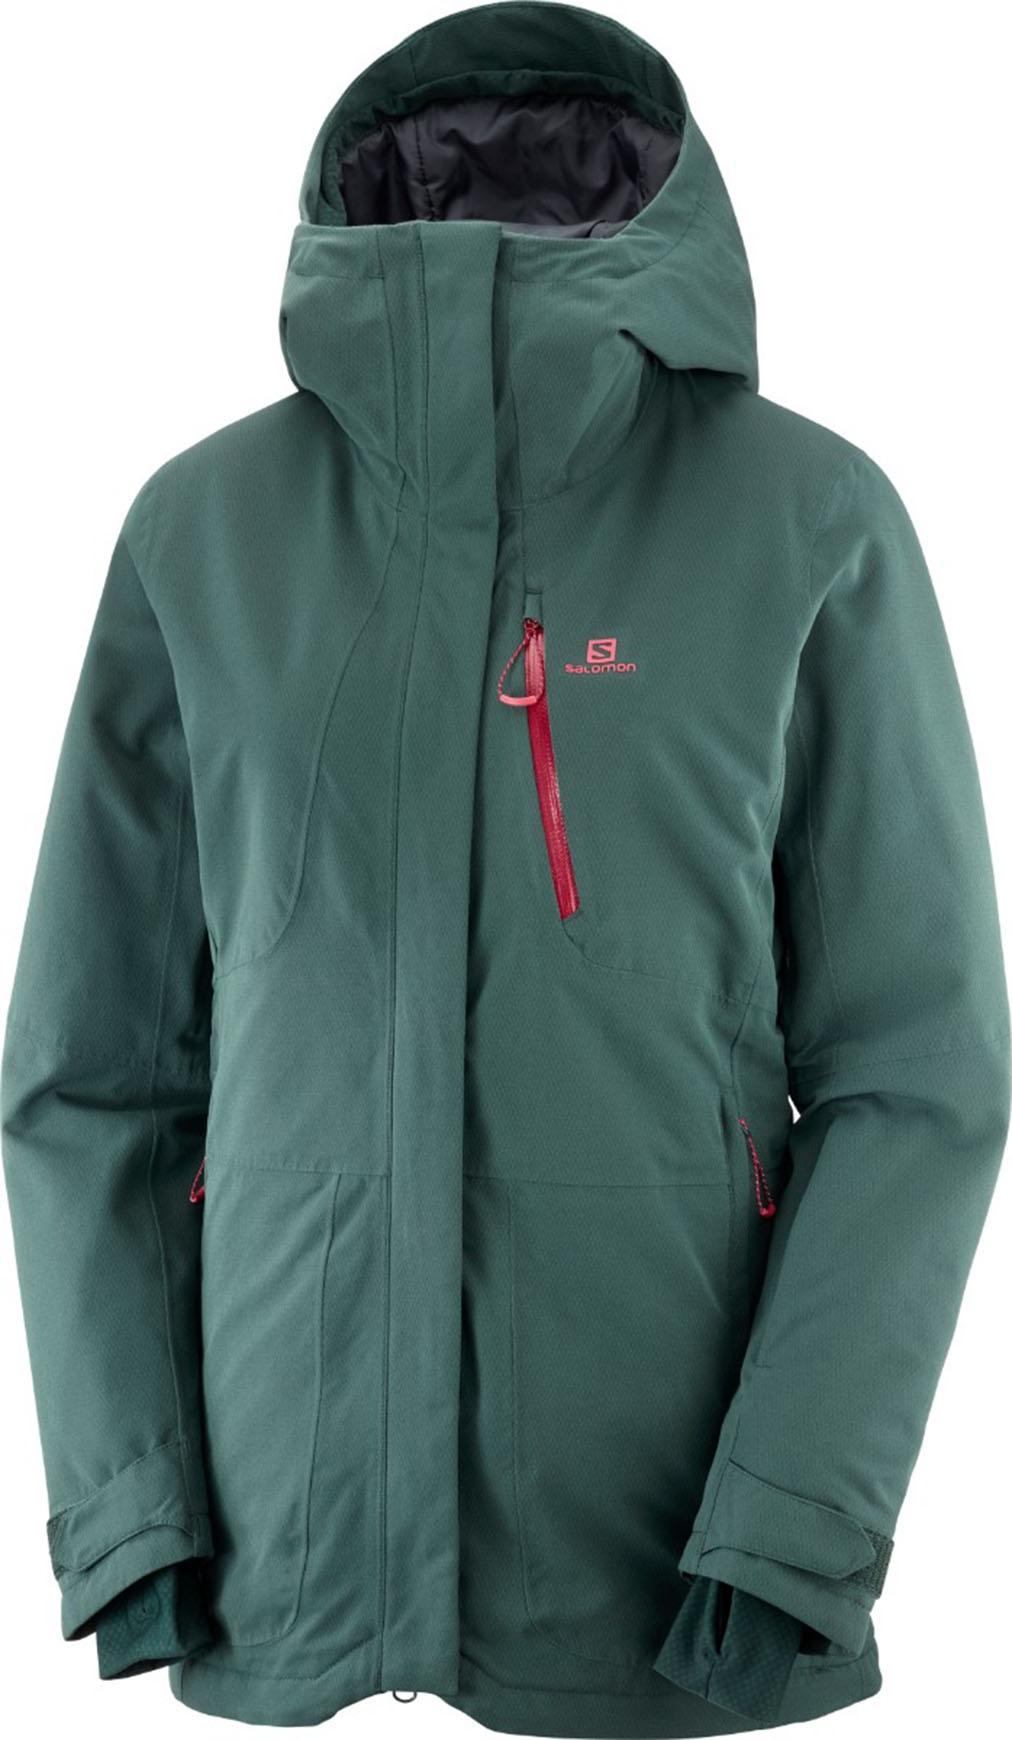 Salomon Weekend Jacket Chaqueta de esquí Mujer | Comprar